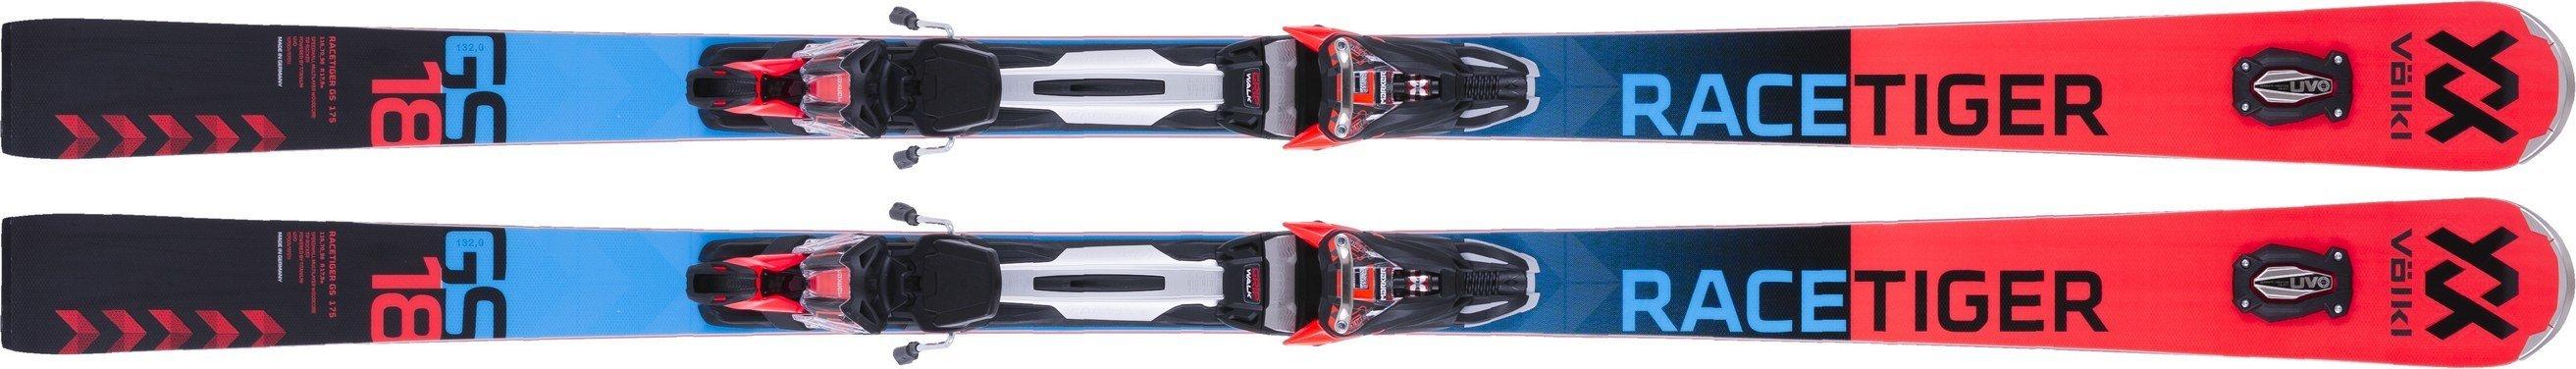 RACETIGER GS